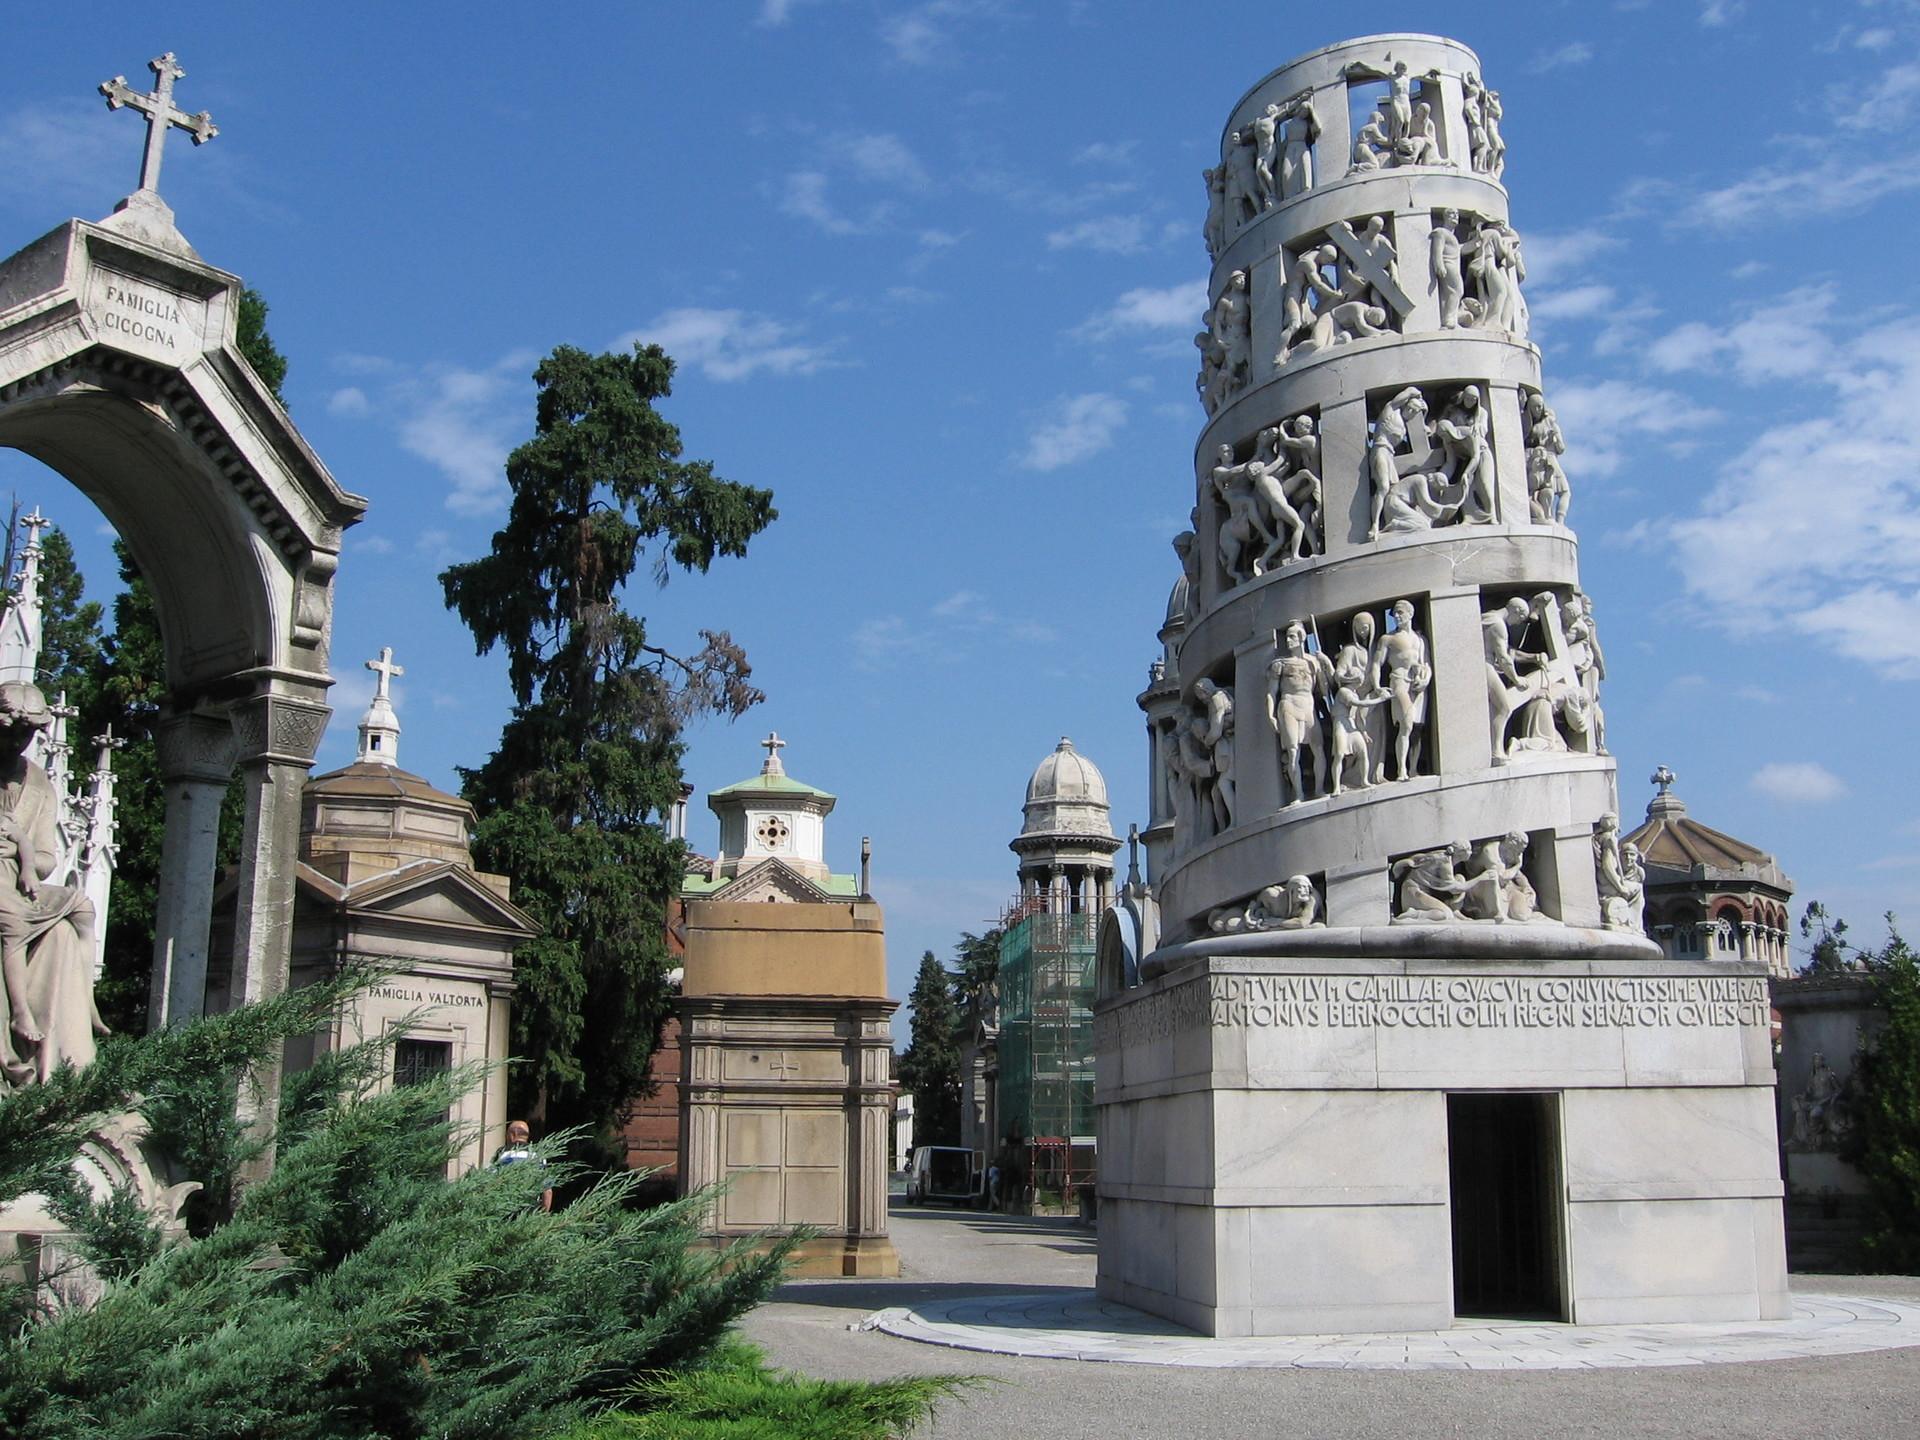 cimetero-monumentale-di-milano-113676b28